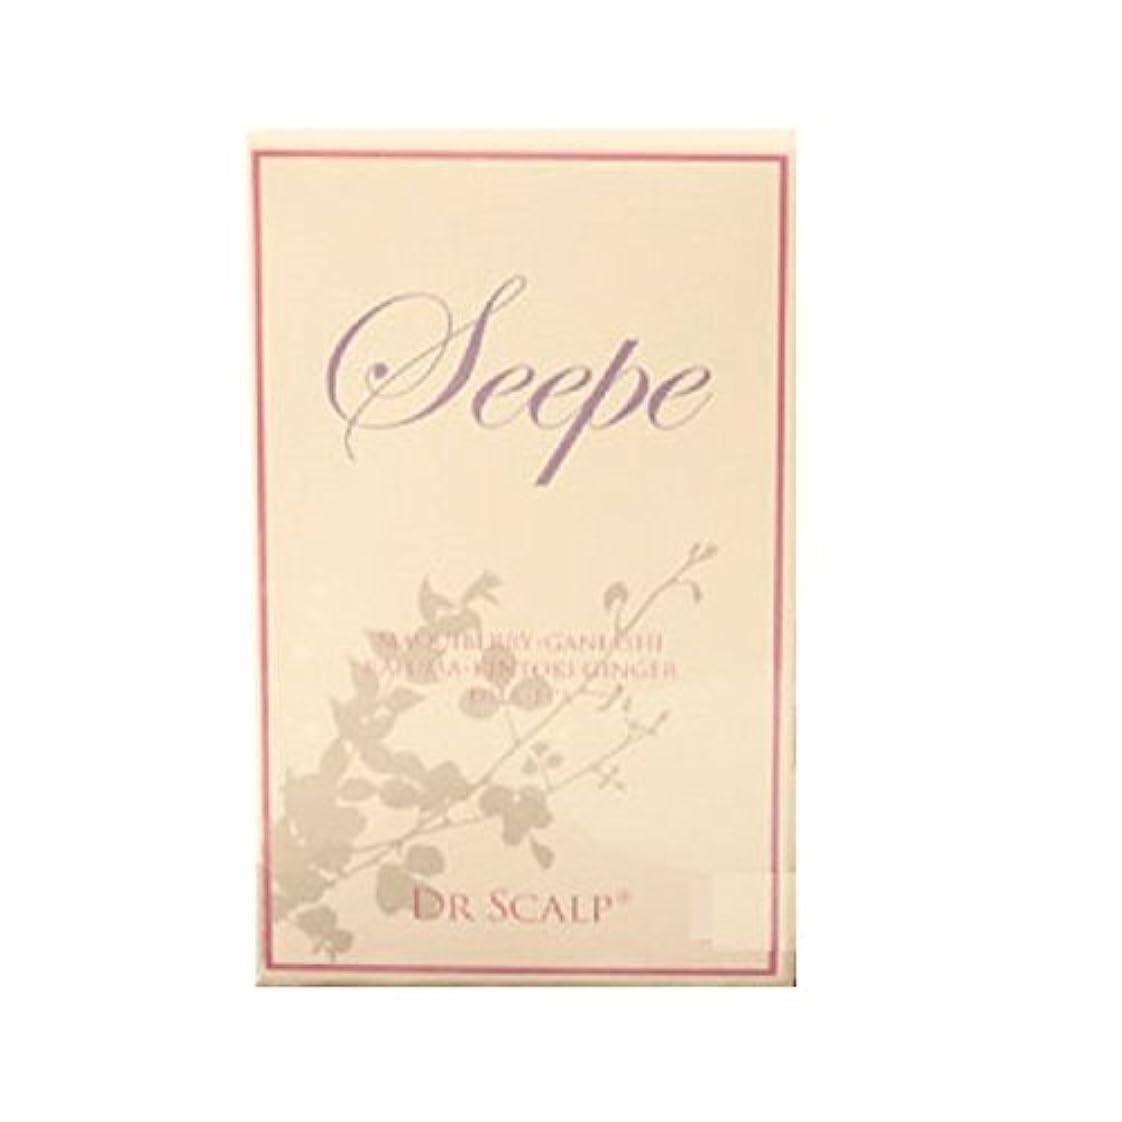 僕の制約興味ドクタースカルプ DR.SCALP(ドクタースカルプ)SEEPE(シープ) (サプリメント)※プロジェクトサプリメントのリニューアル商品です《60粒》